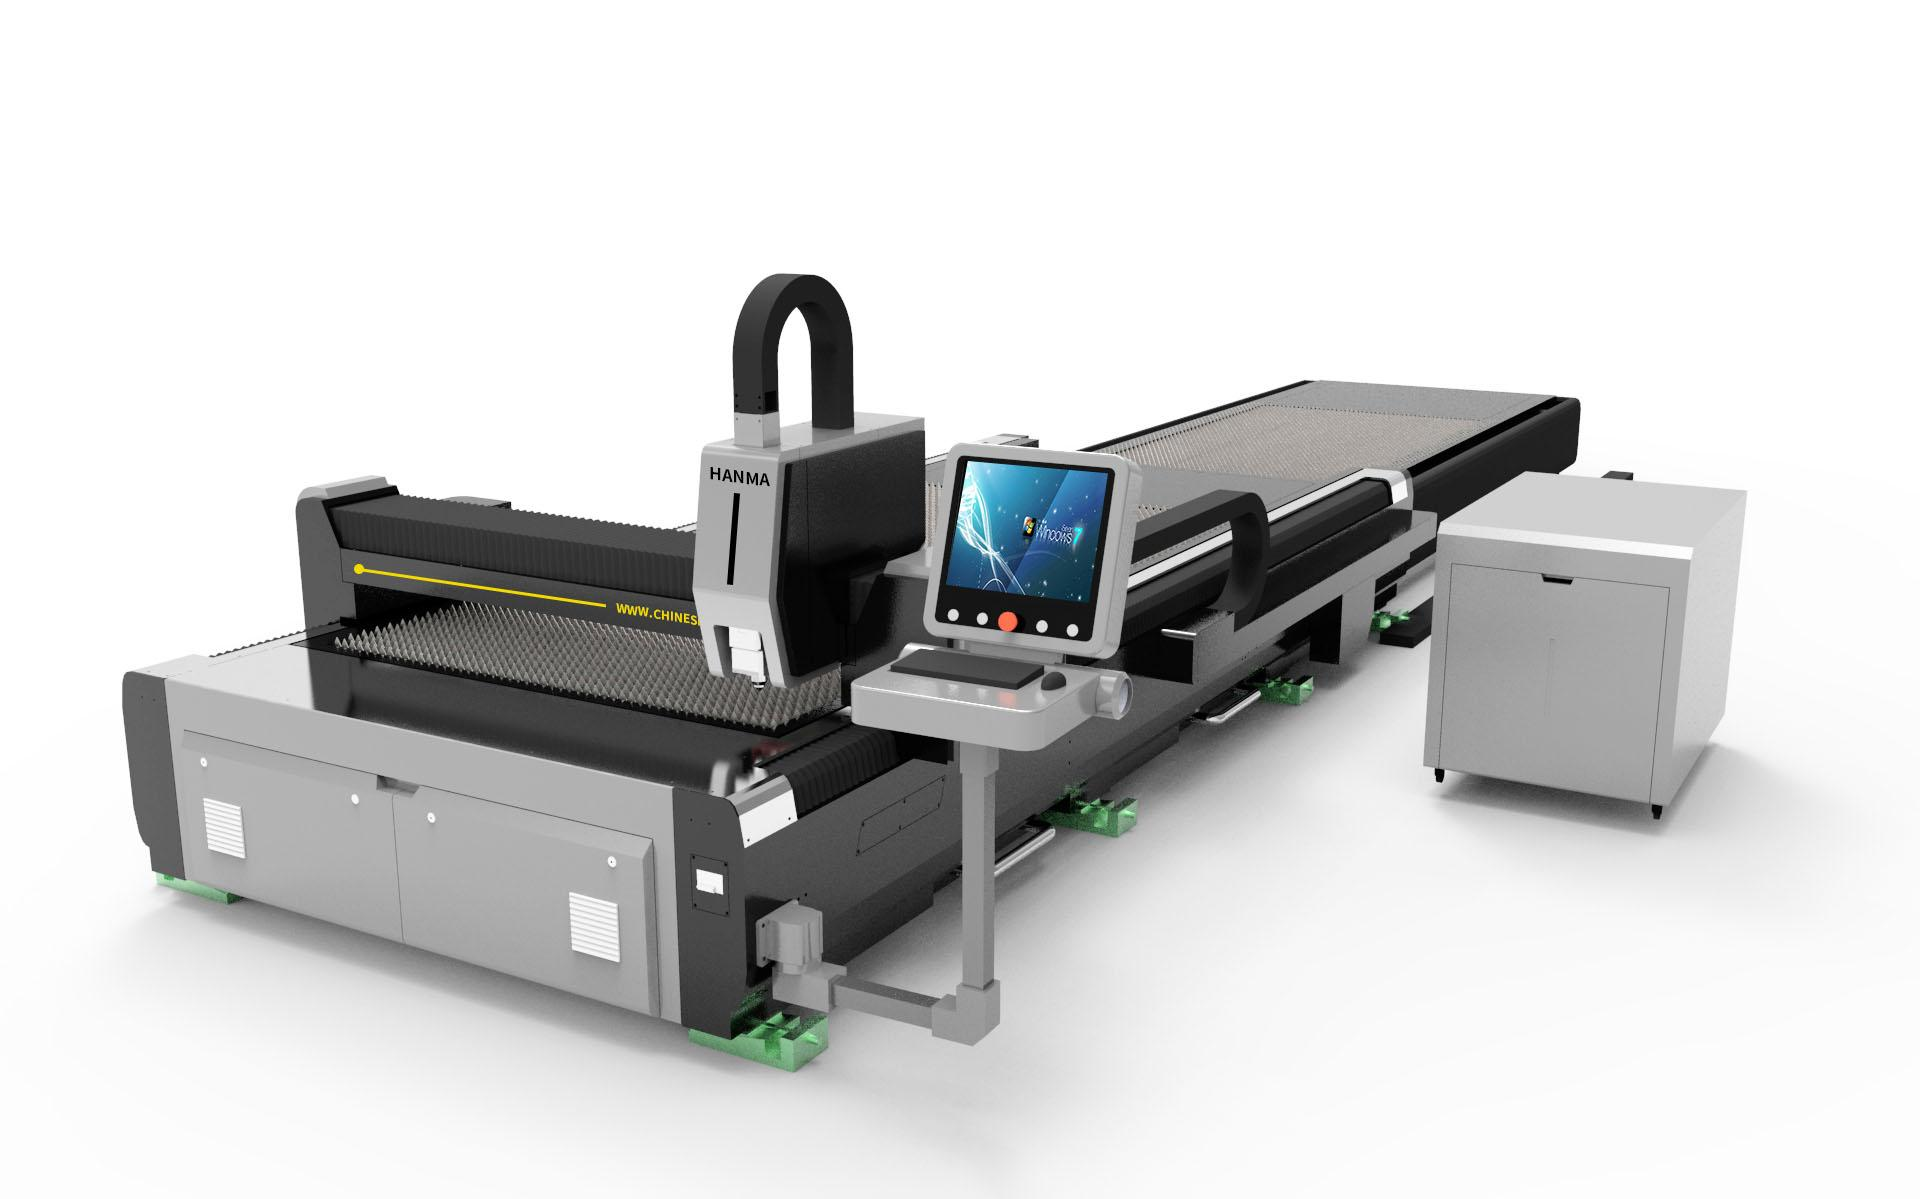 1530交换平台光纤切割机 钣金双平台激光切割机 1